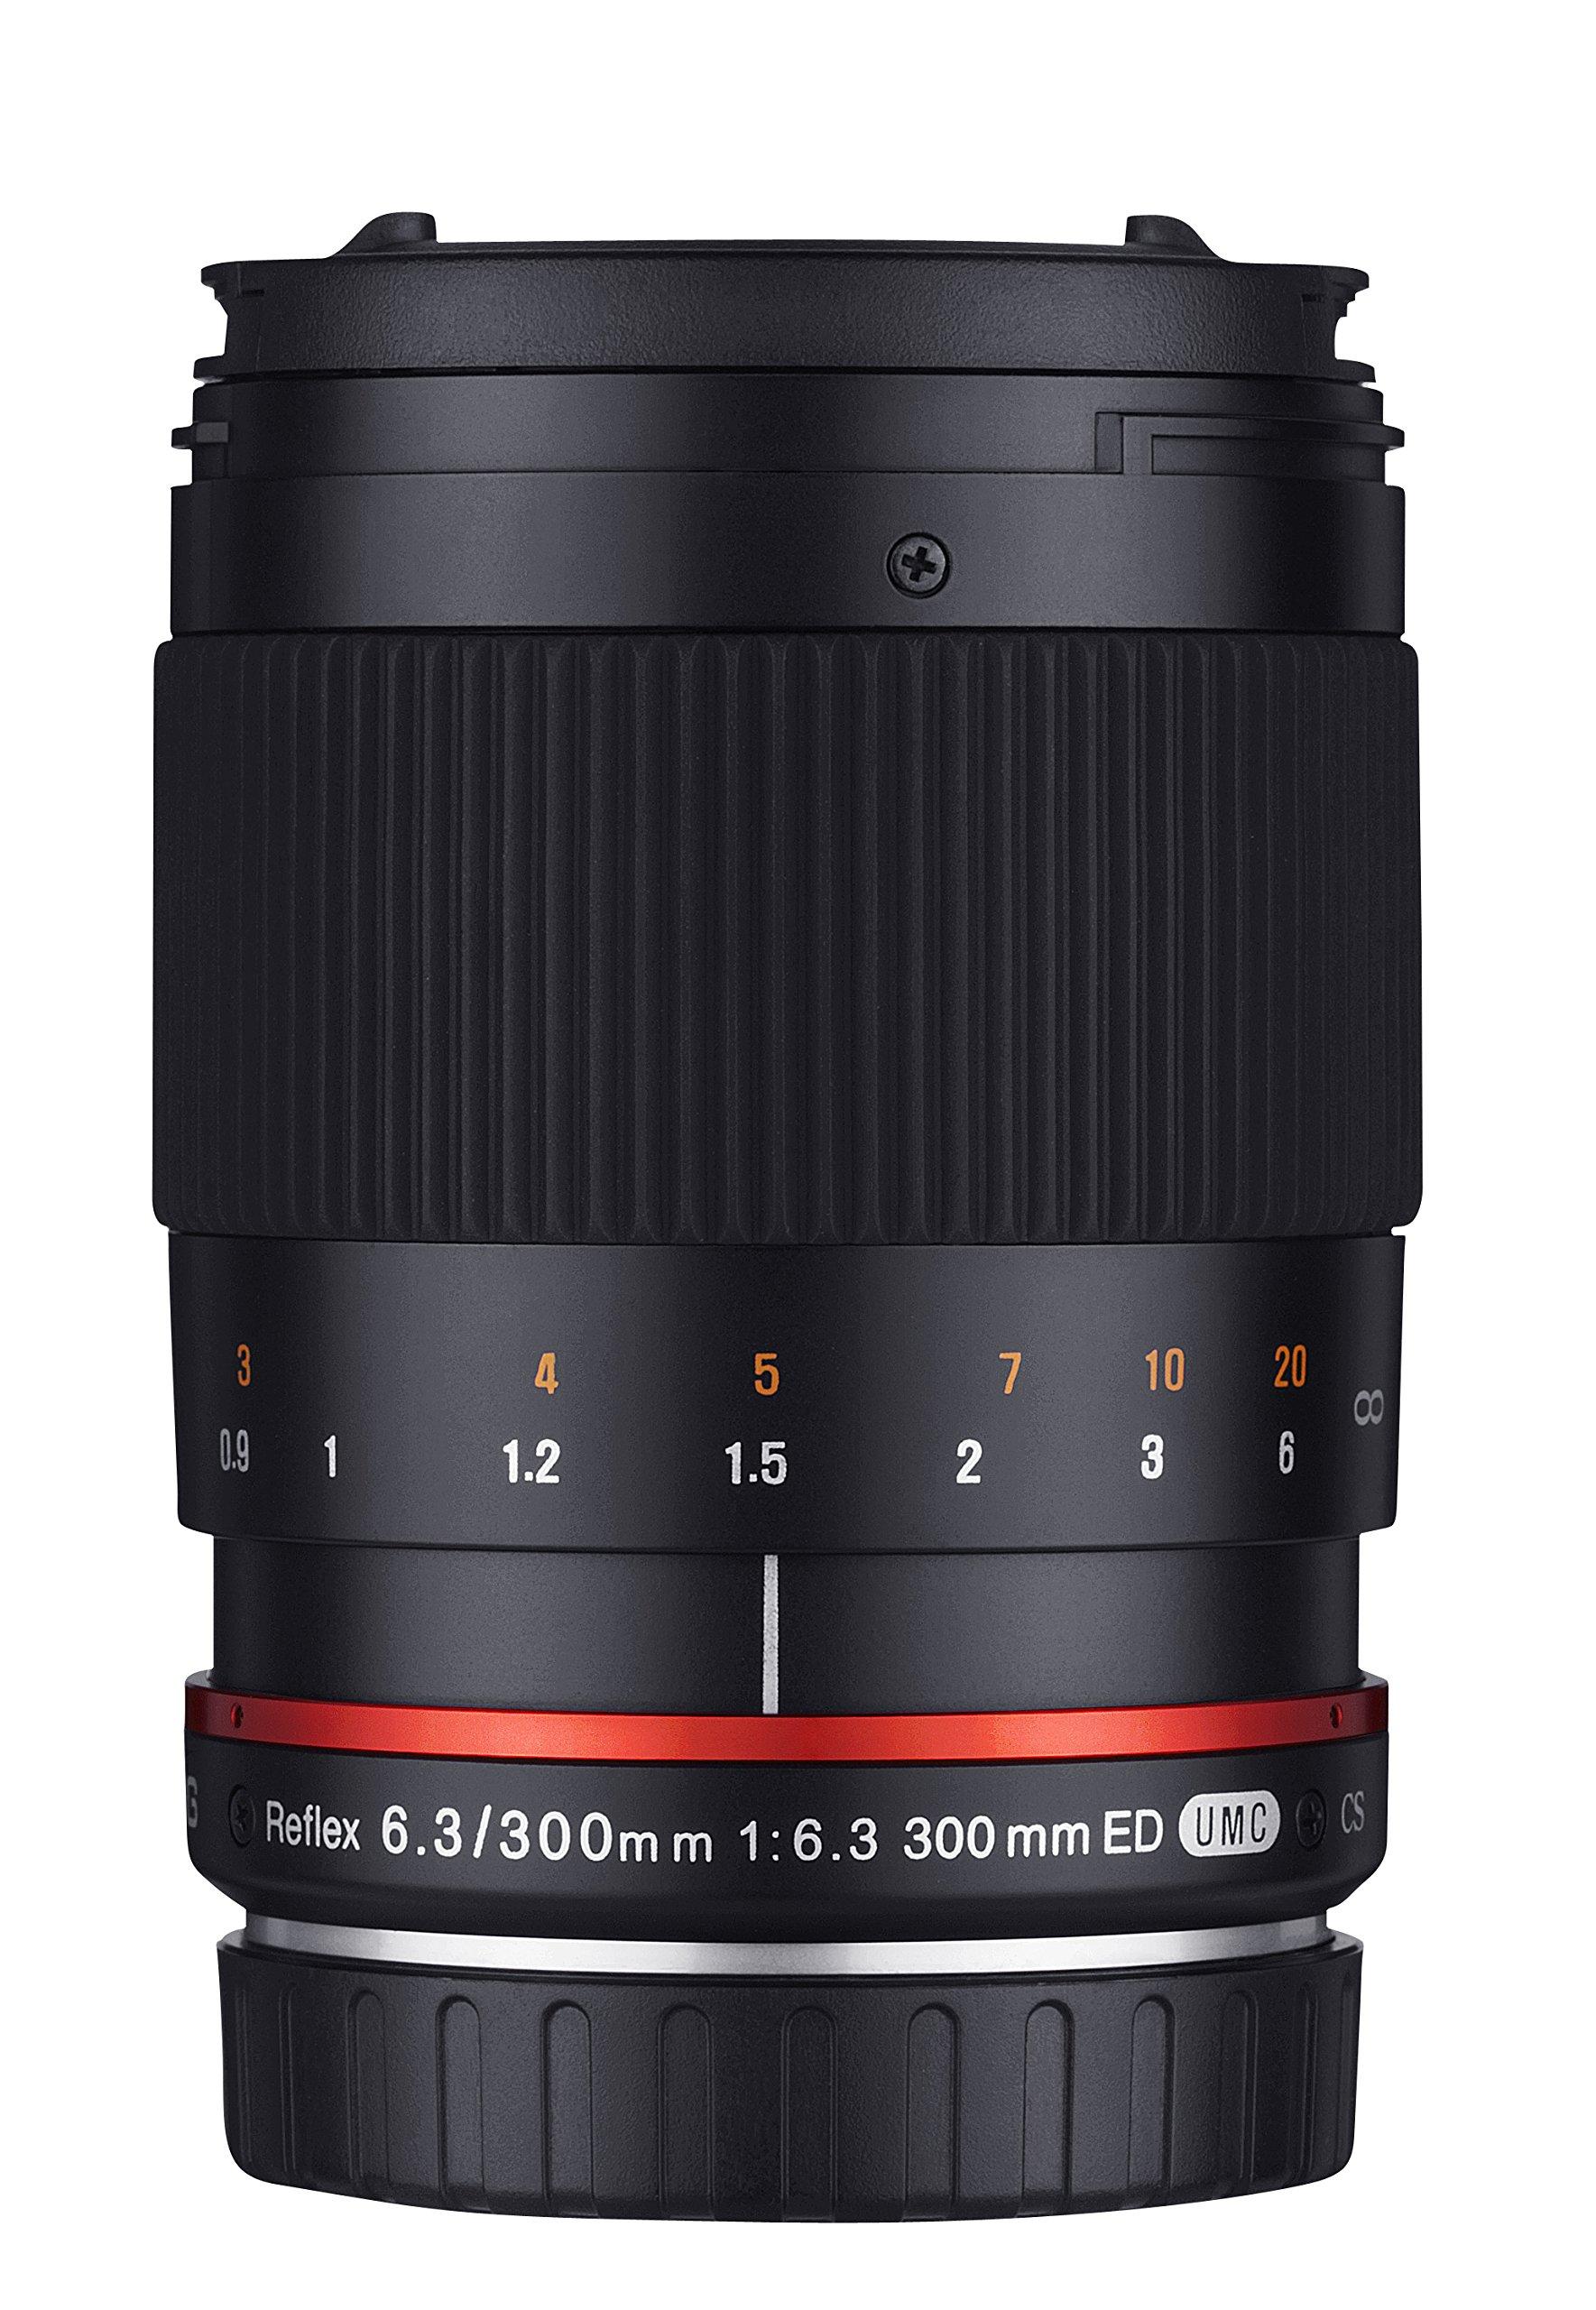 Samyang Obiettivo 300mm F 6,3 per Sony E, Nero